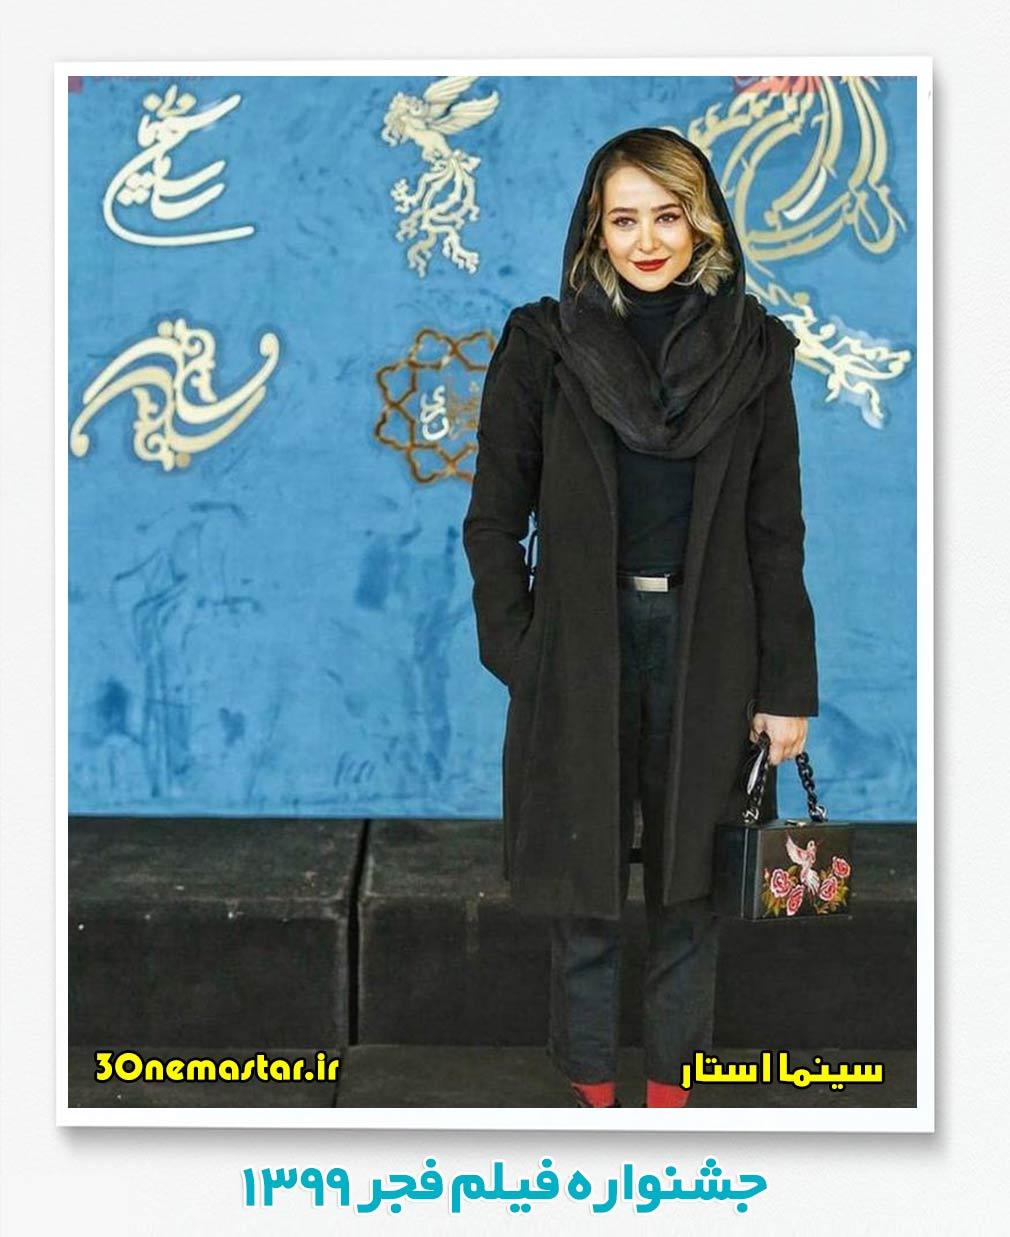 تیپ جذاب الناز حبیبی در جشنواره فیلم فجر 1399